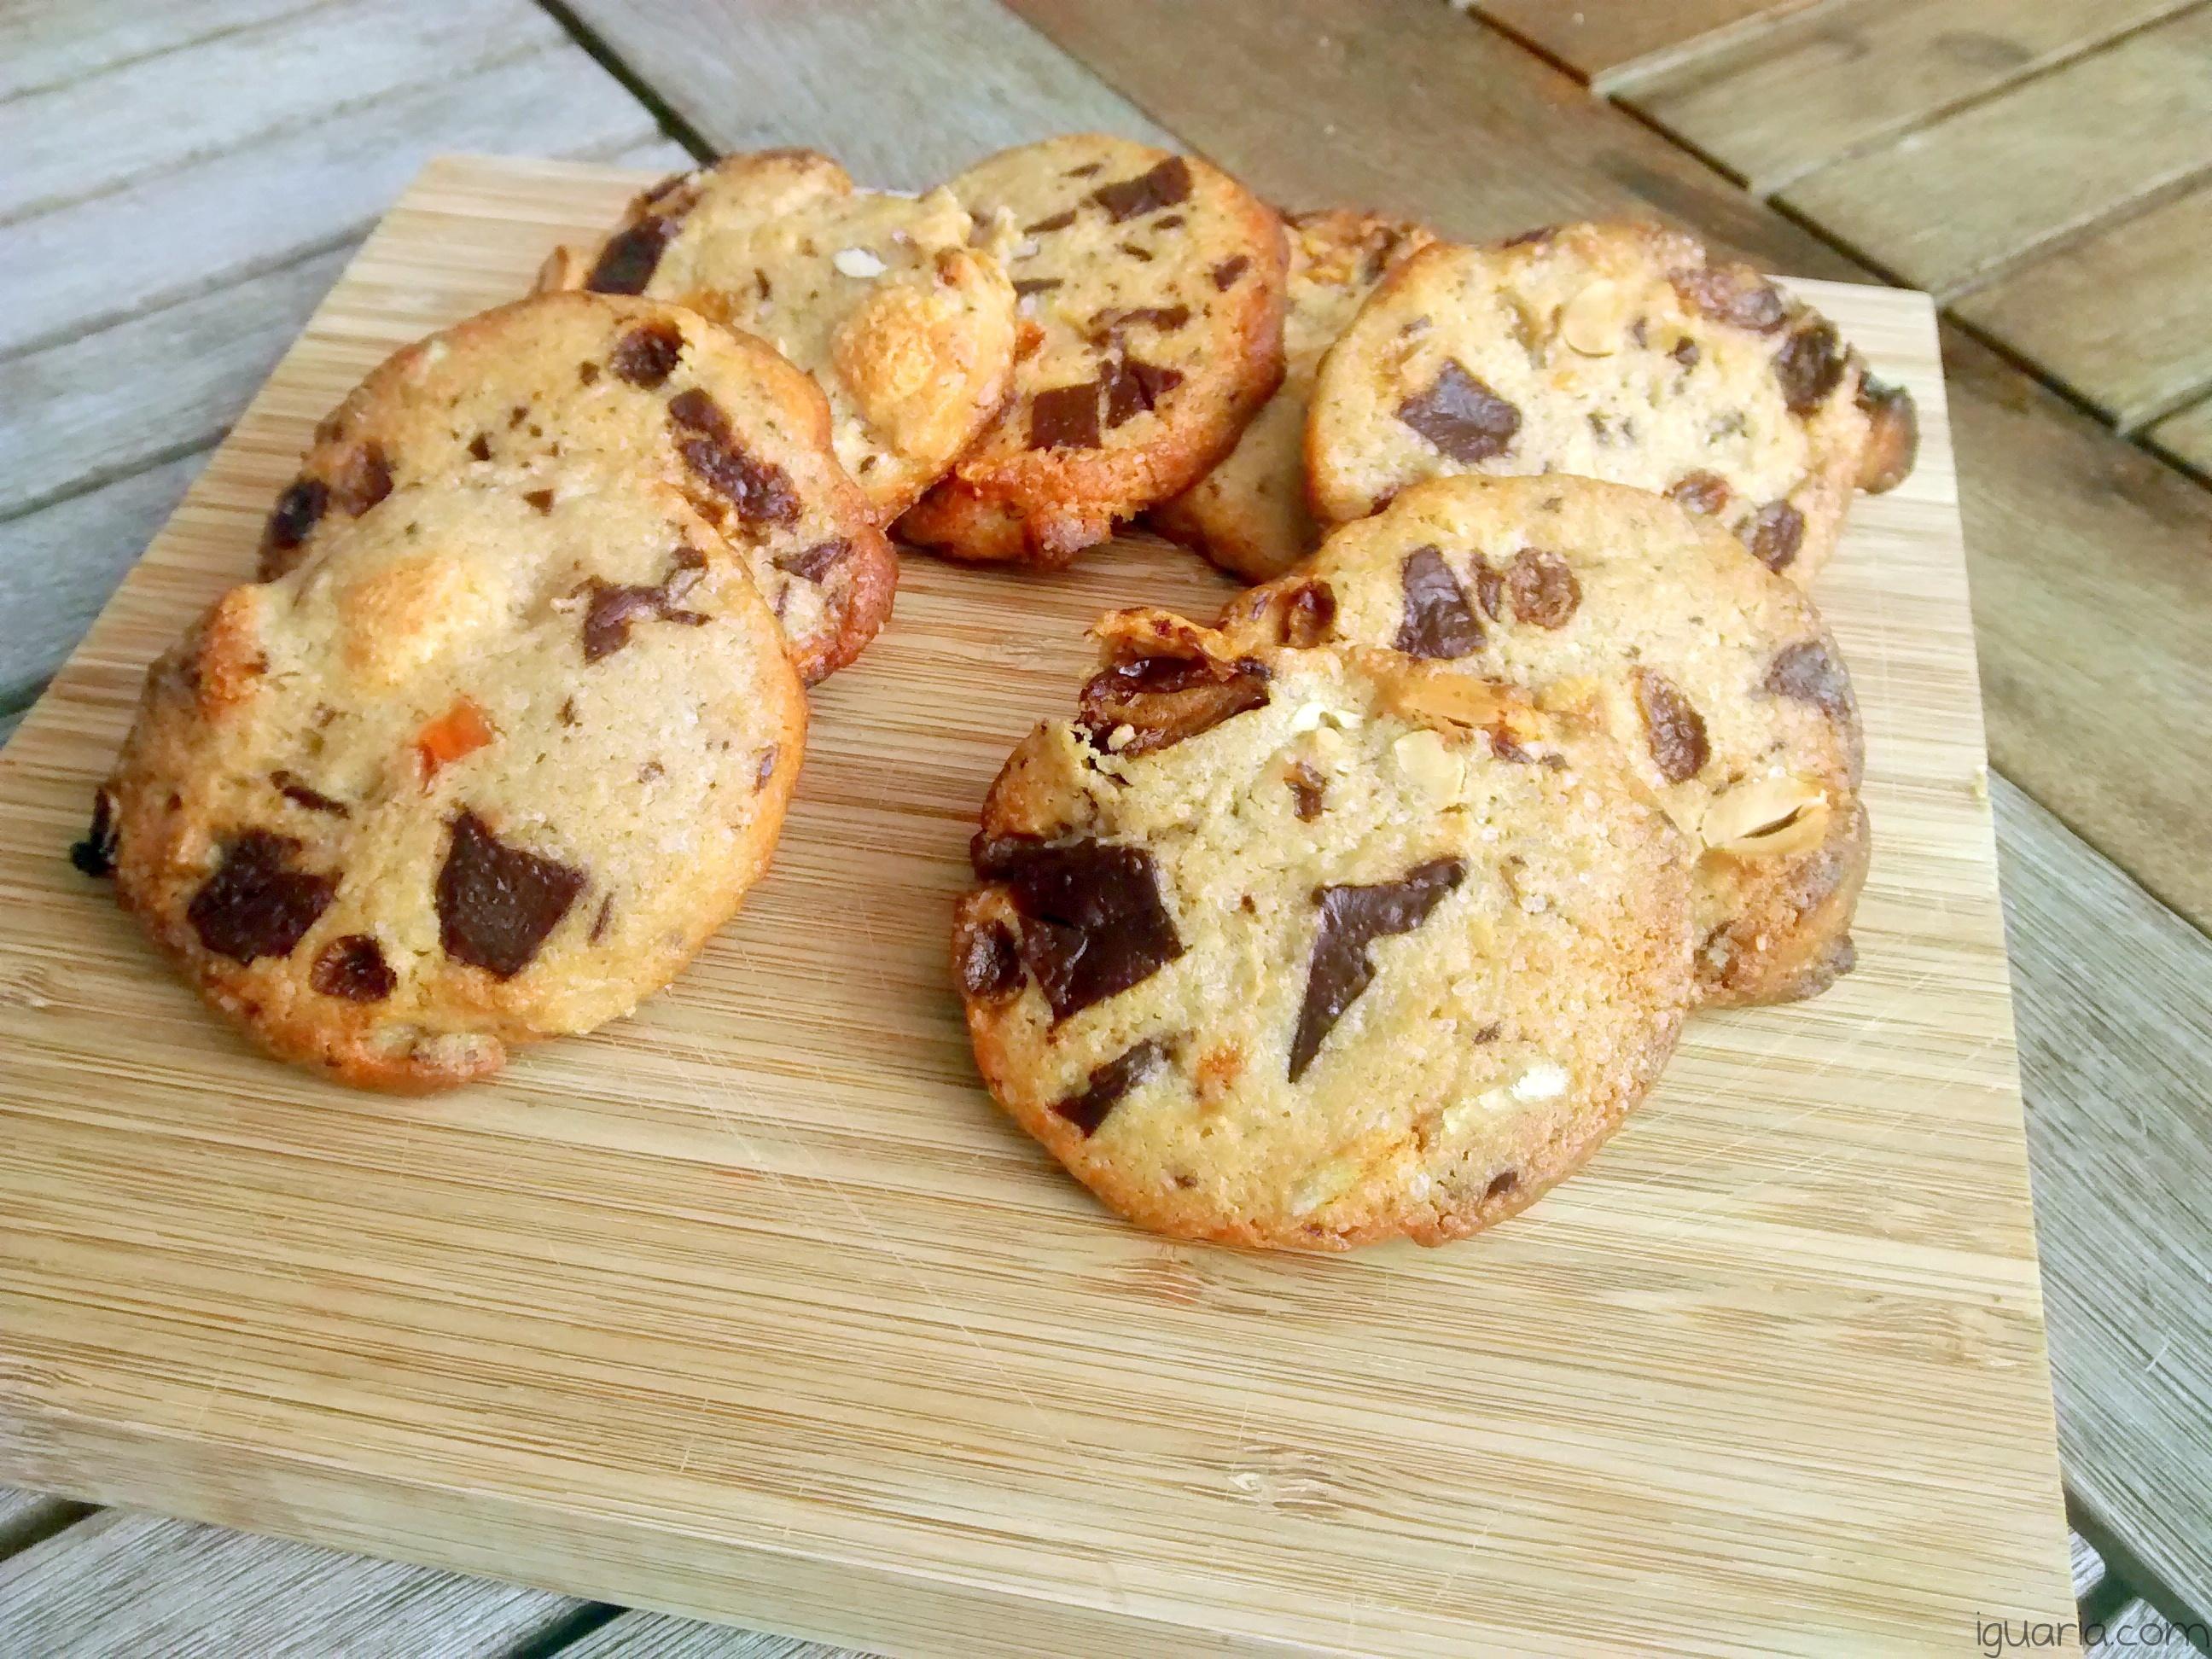 iguaria-biscoitos-manteiga-amendoim